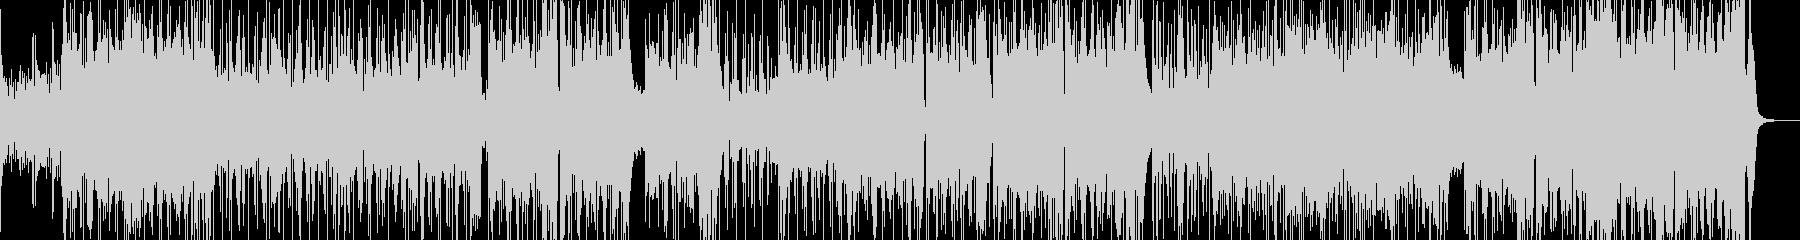 クイズ番組・カラフルなブラスポップスの未再生の波形